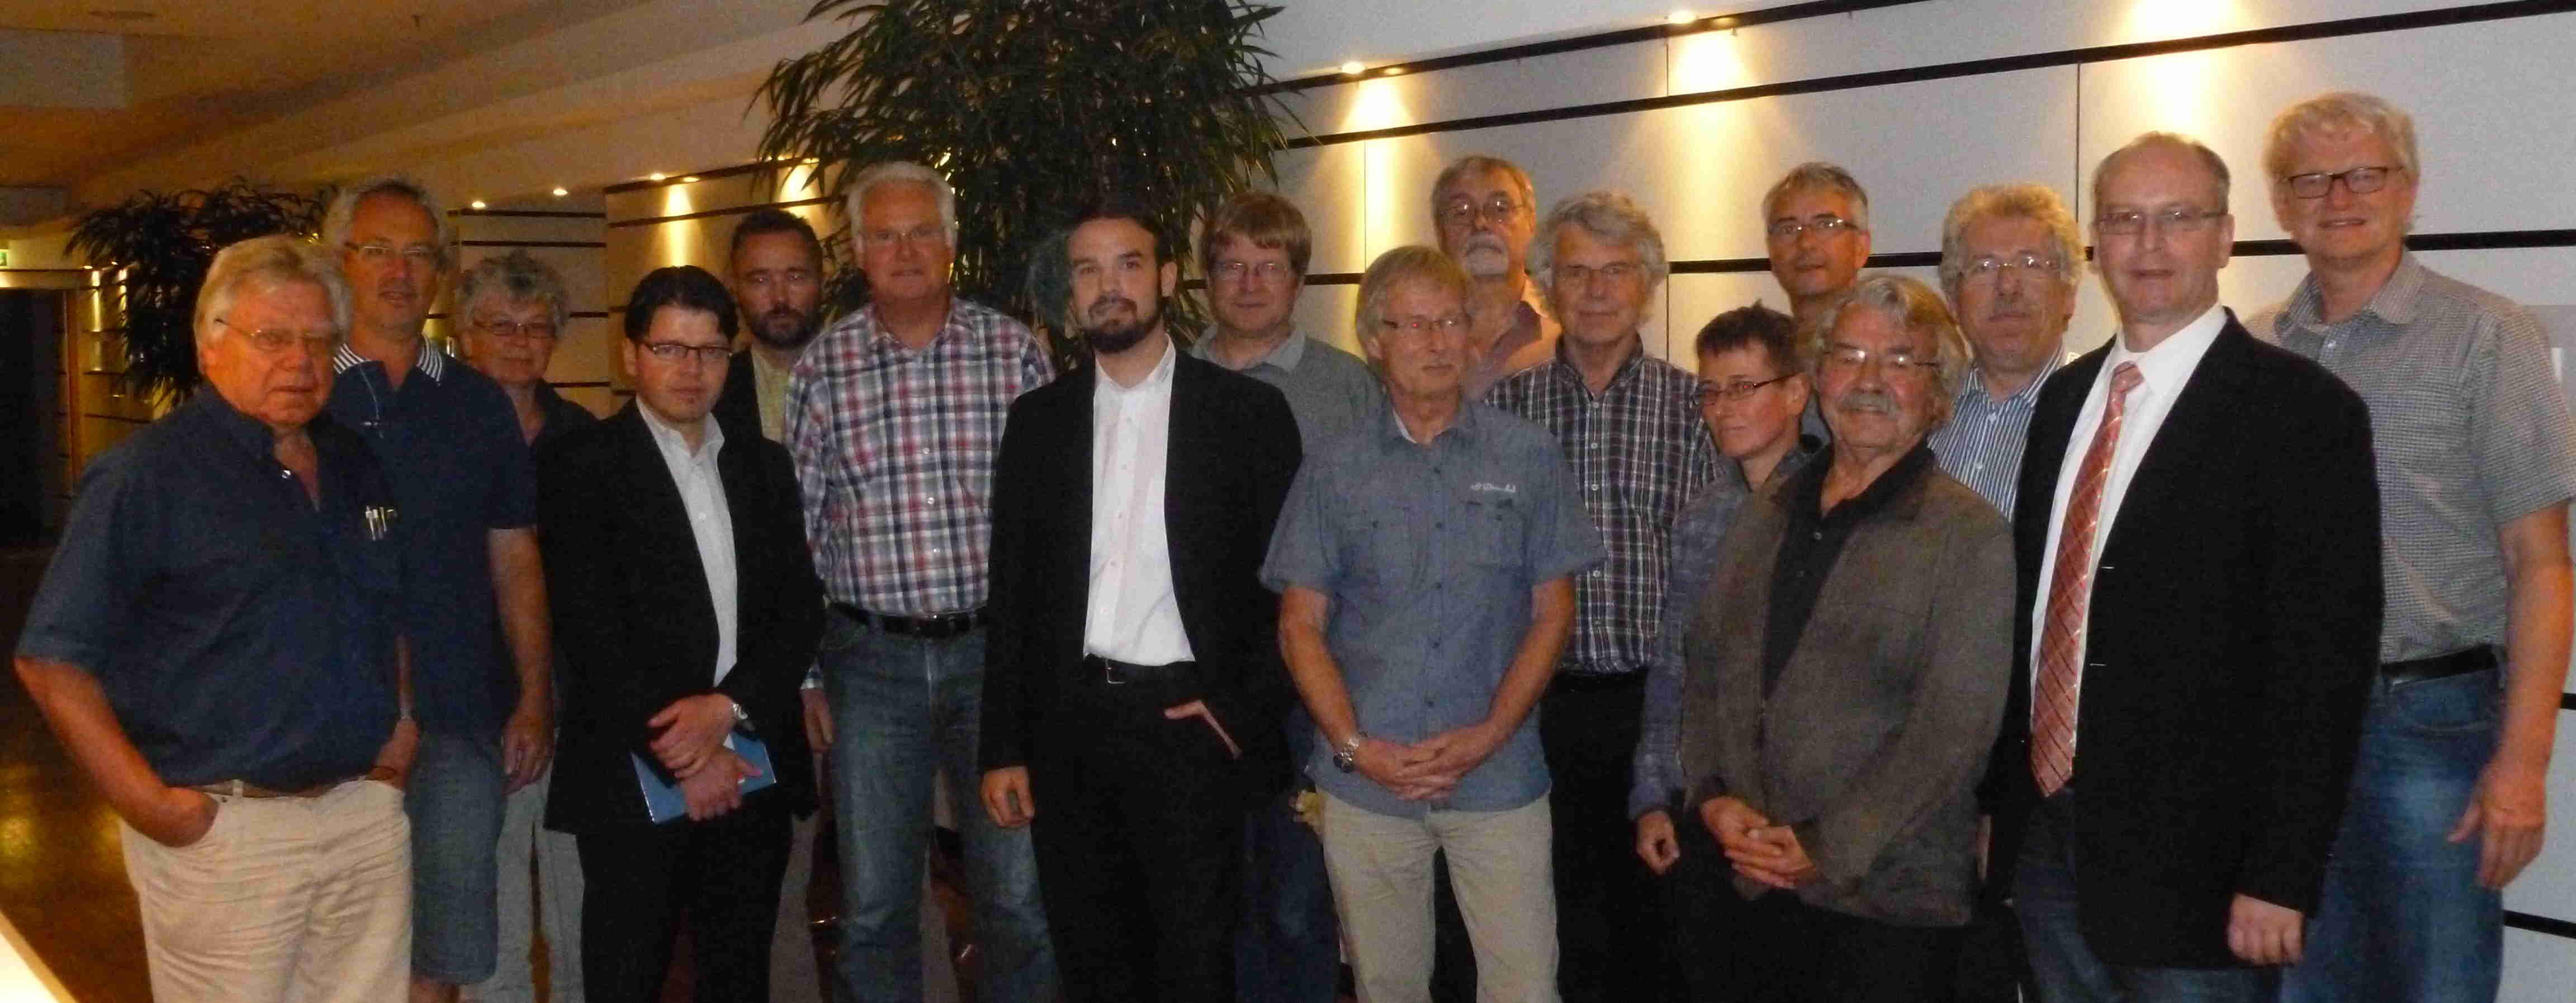 Gruppenfoto Grundungsversammlung LaNEG Hessen e.V.